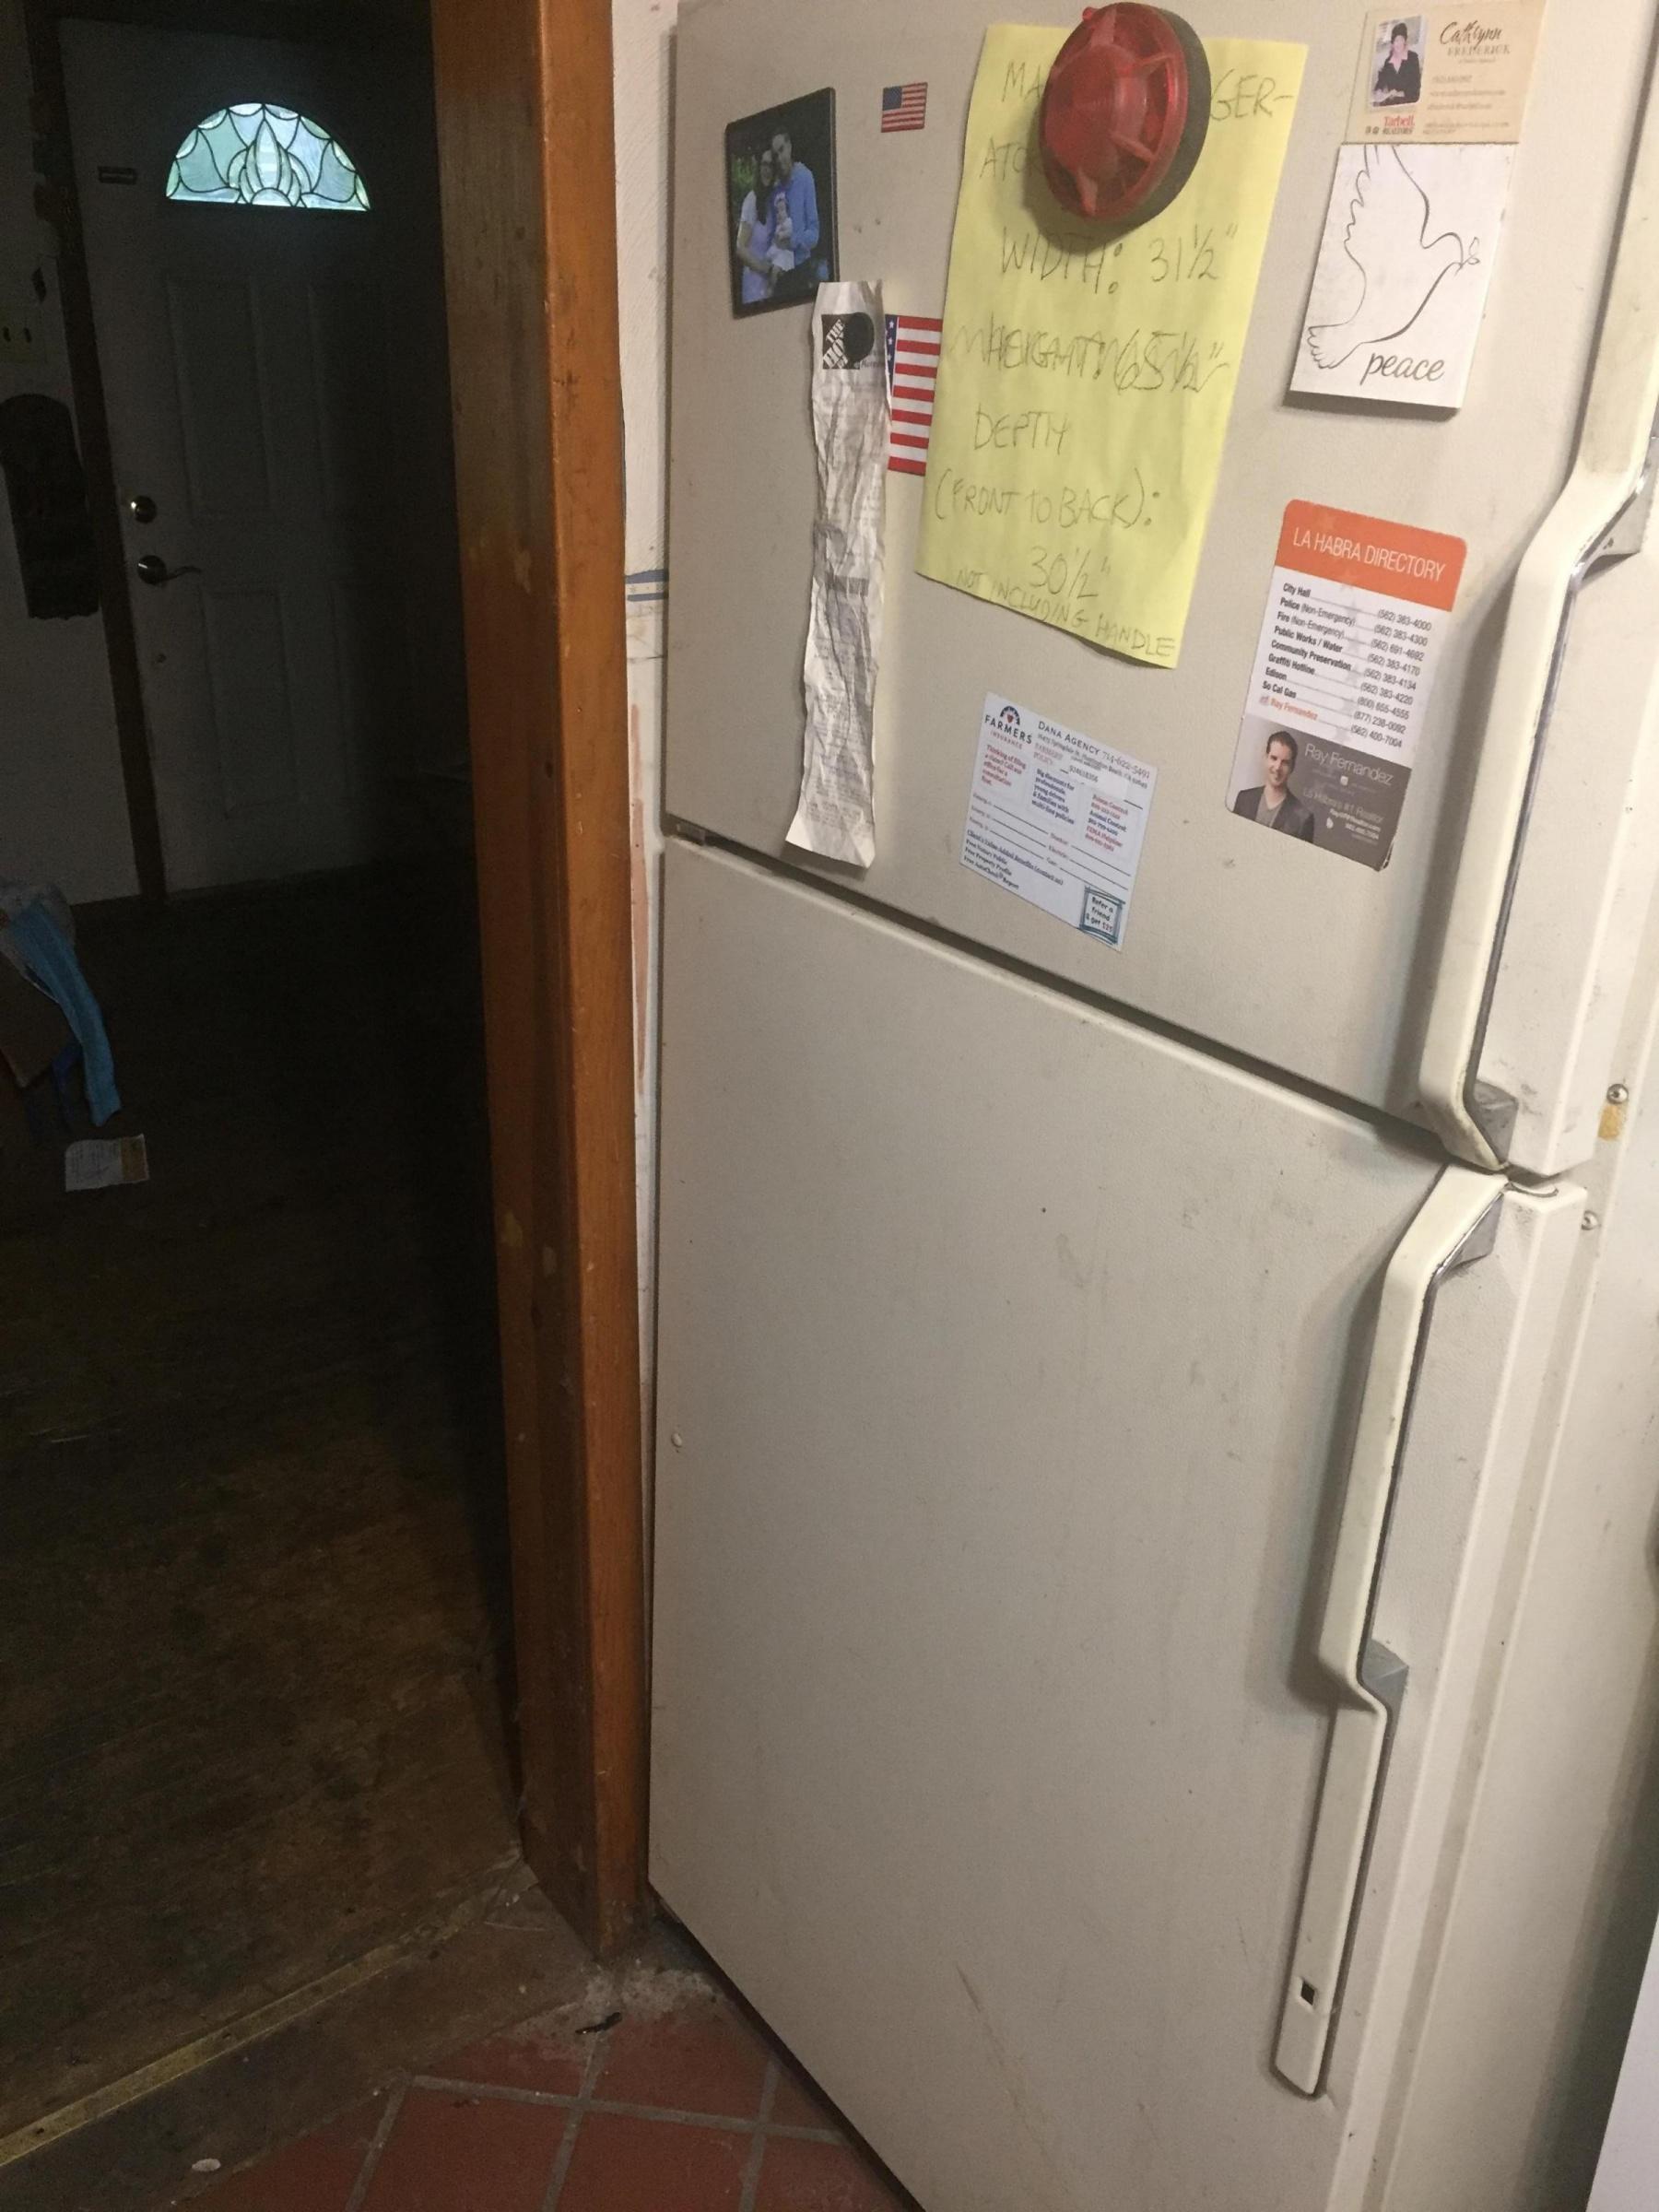 GE fridge won't get cold enough-dbf594fa-e4ab-4157-93a9-208a3d081885_1544831930629.jpg